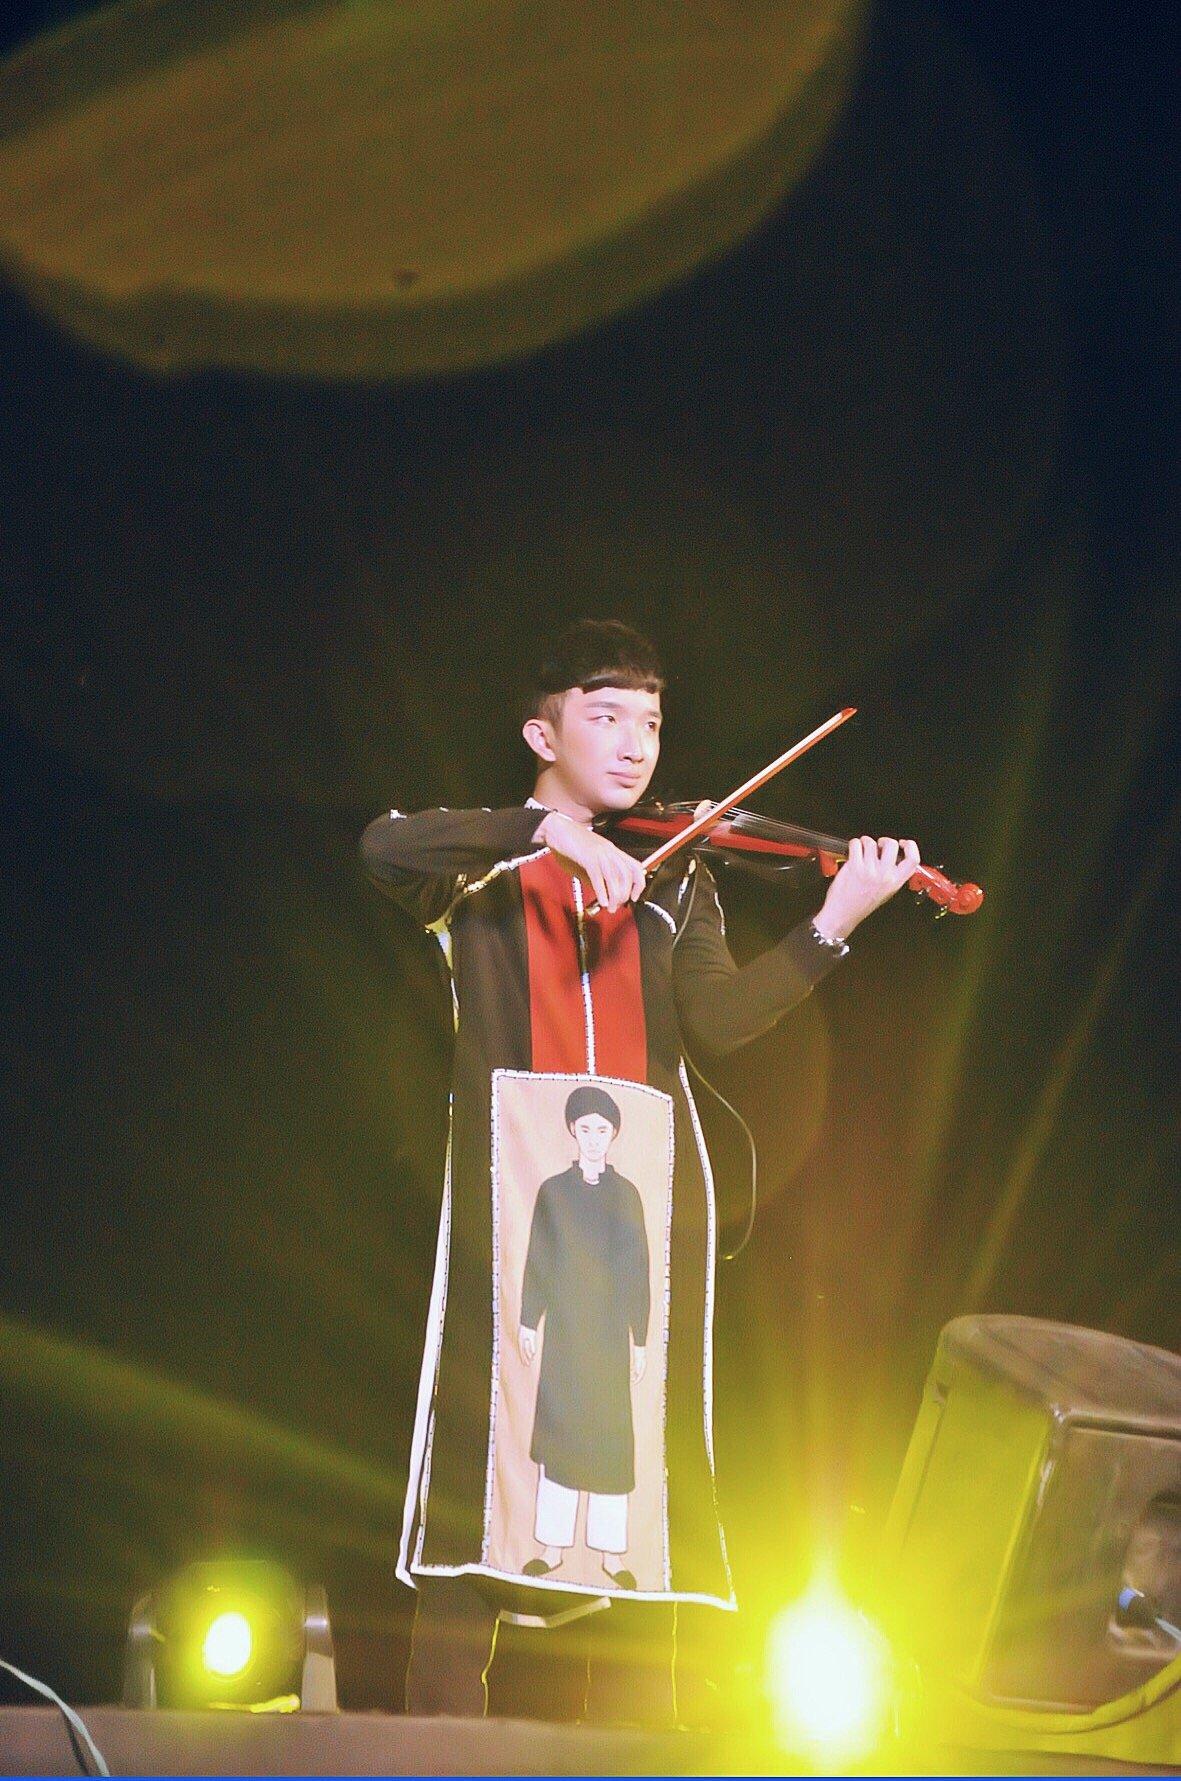 Nghệ sĩ violin Hoàng Rob thăng hoa tại Festival Huế 2016 1